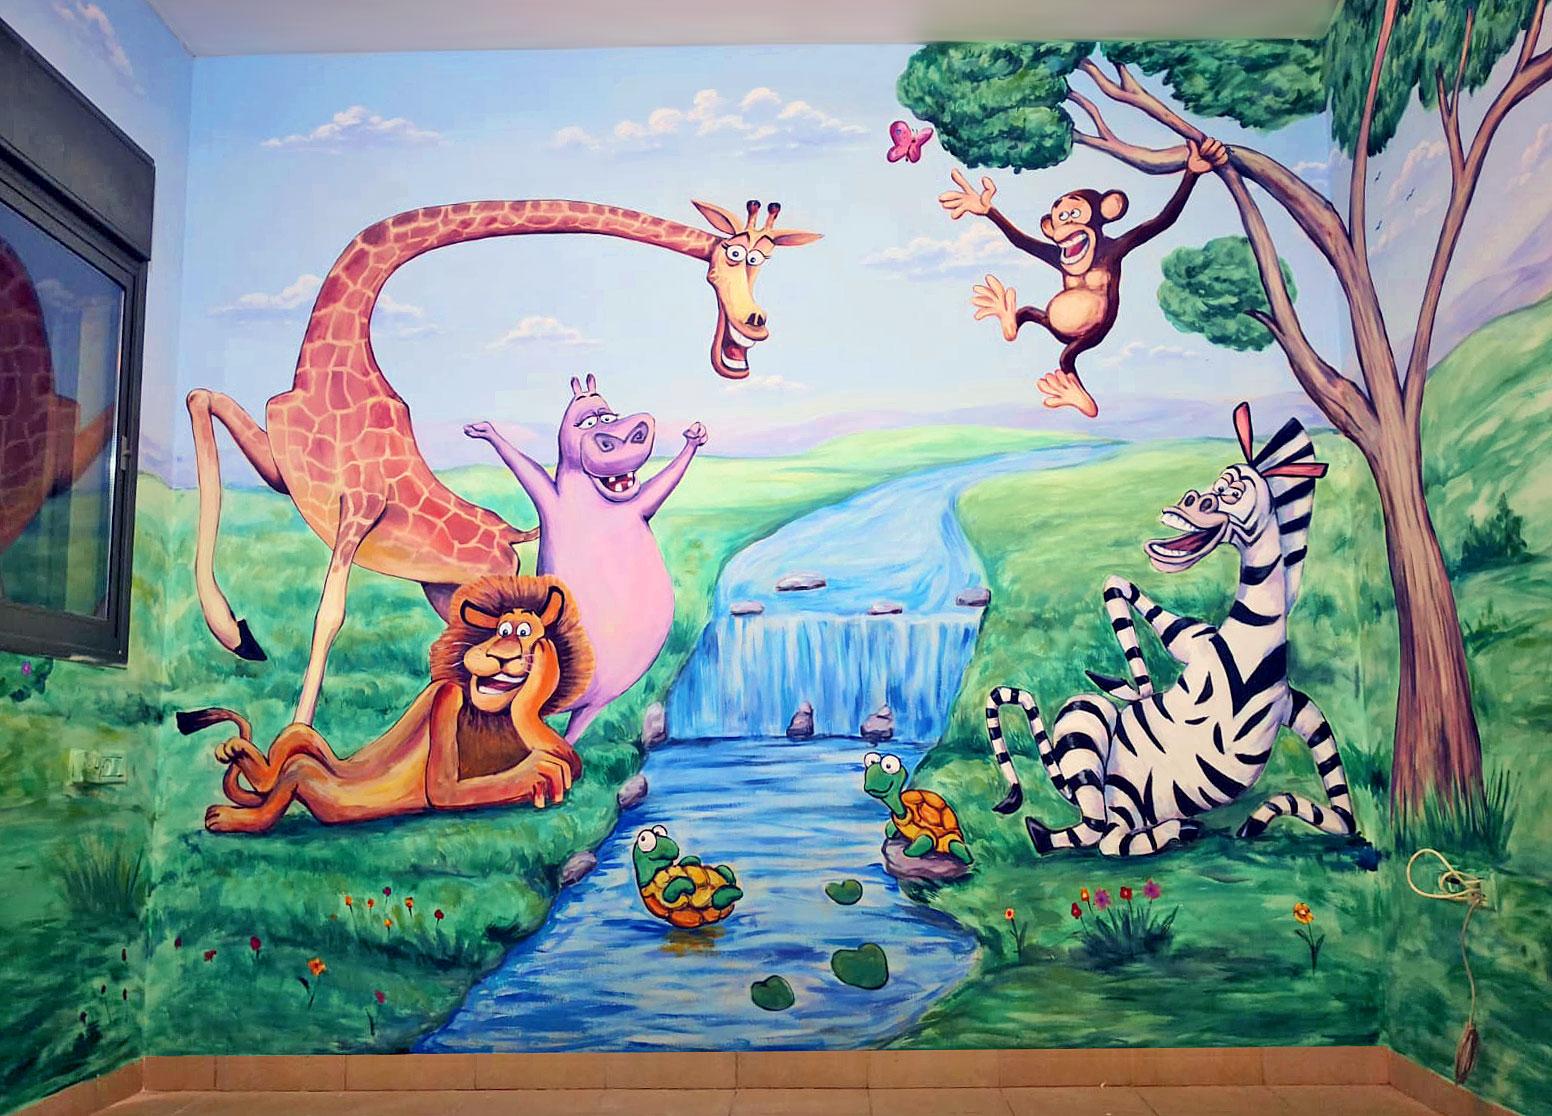 ציור קיר בחדר ילדים של דמויות של חיות שמחות ליד הנהר